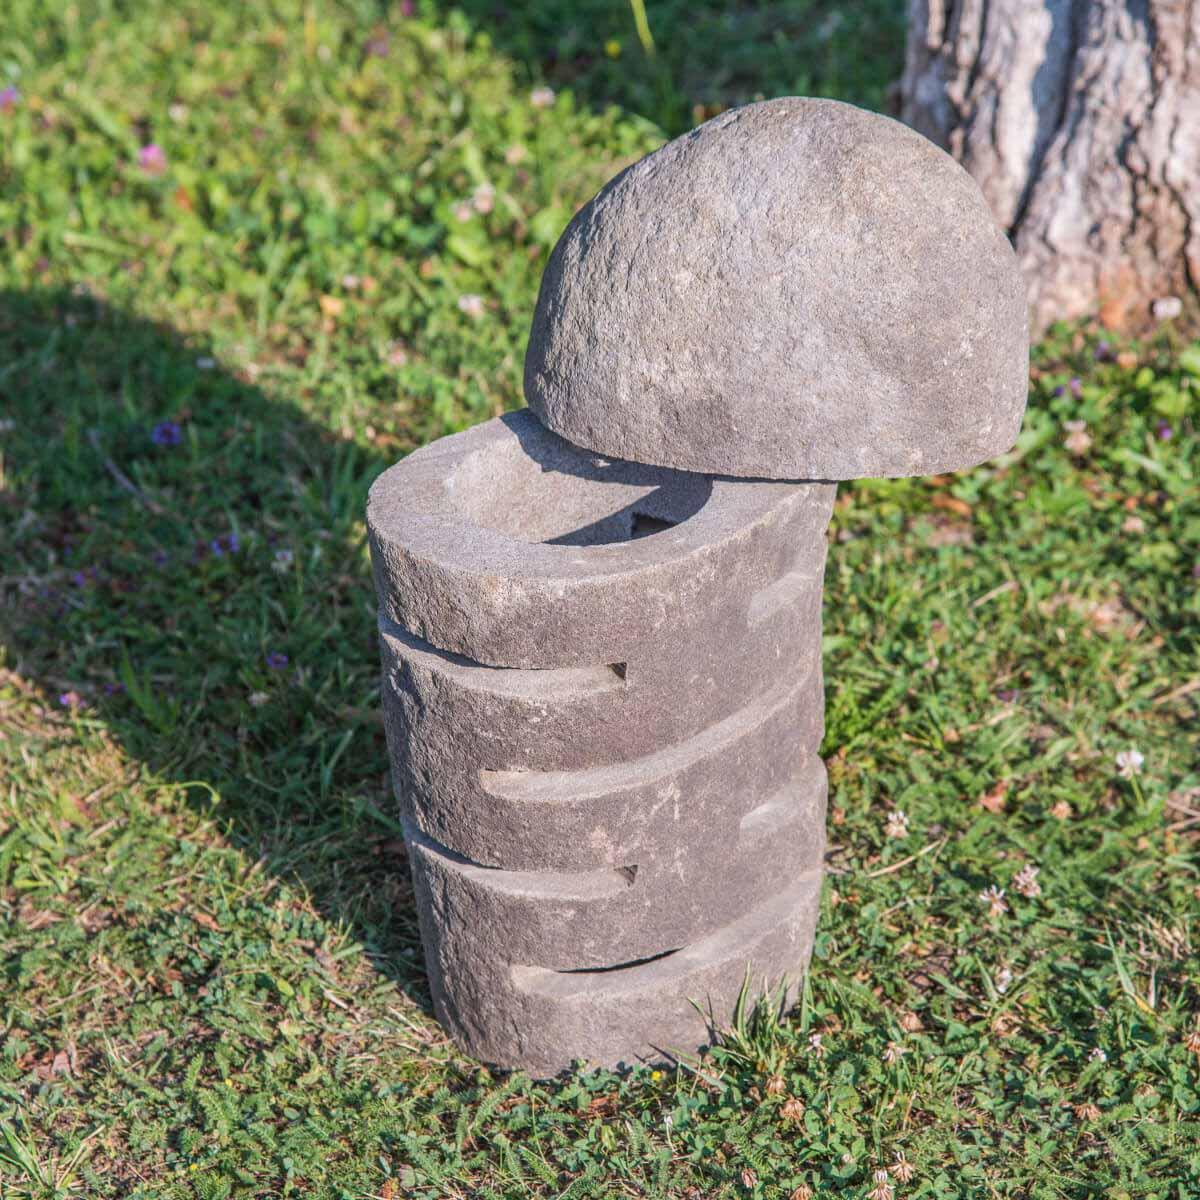 L mpara de piedra de r o para jard n 50 for Piedras de rio para jardin